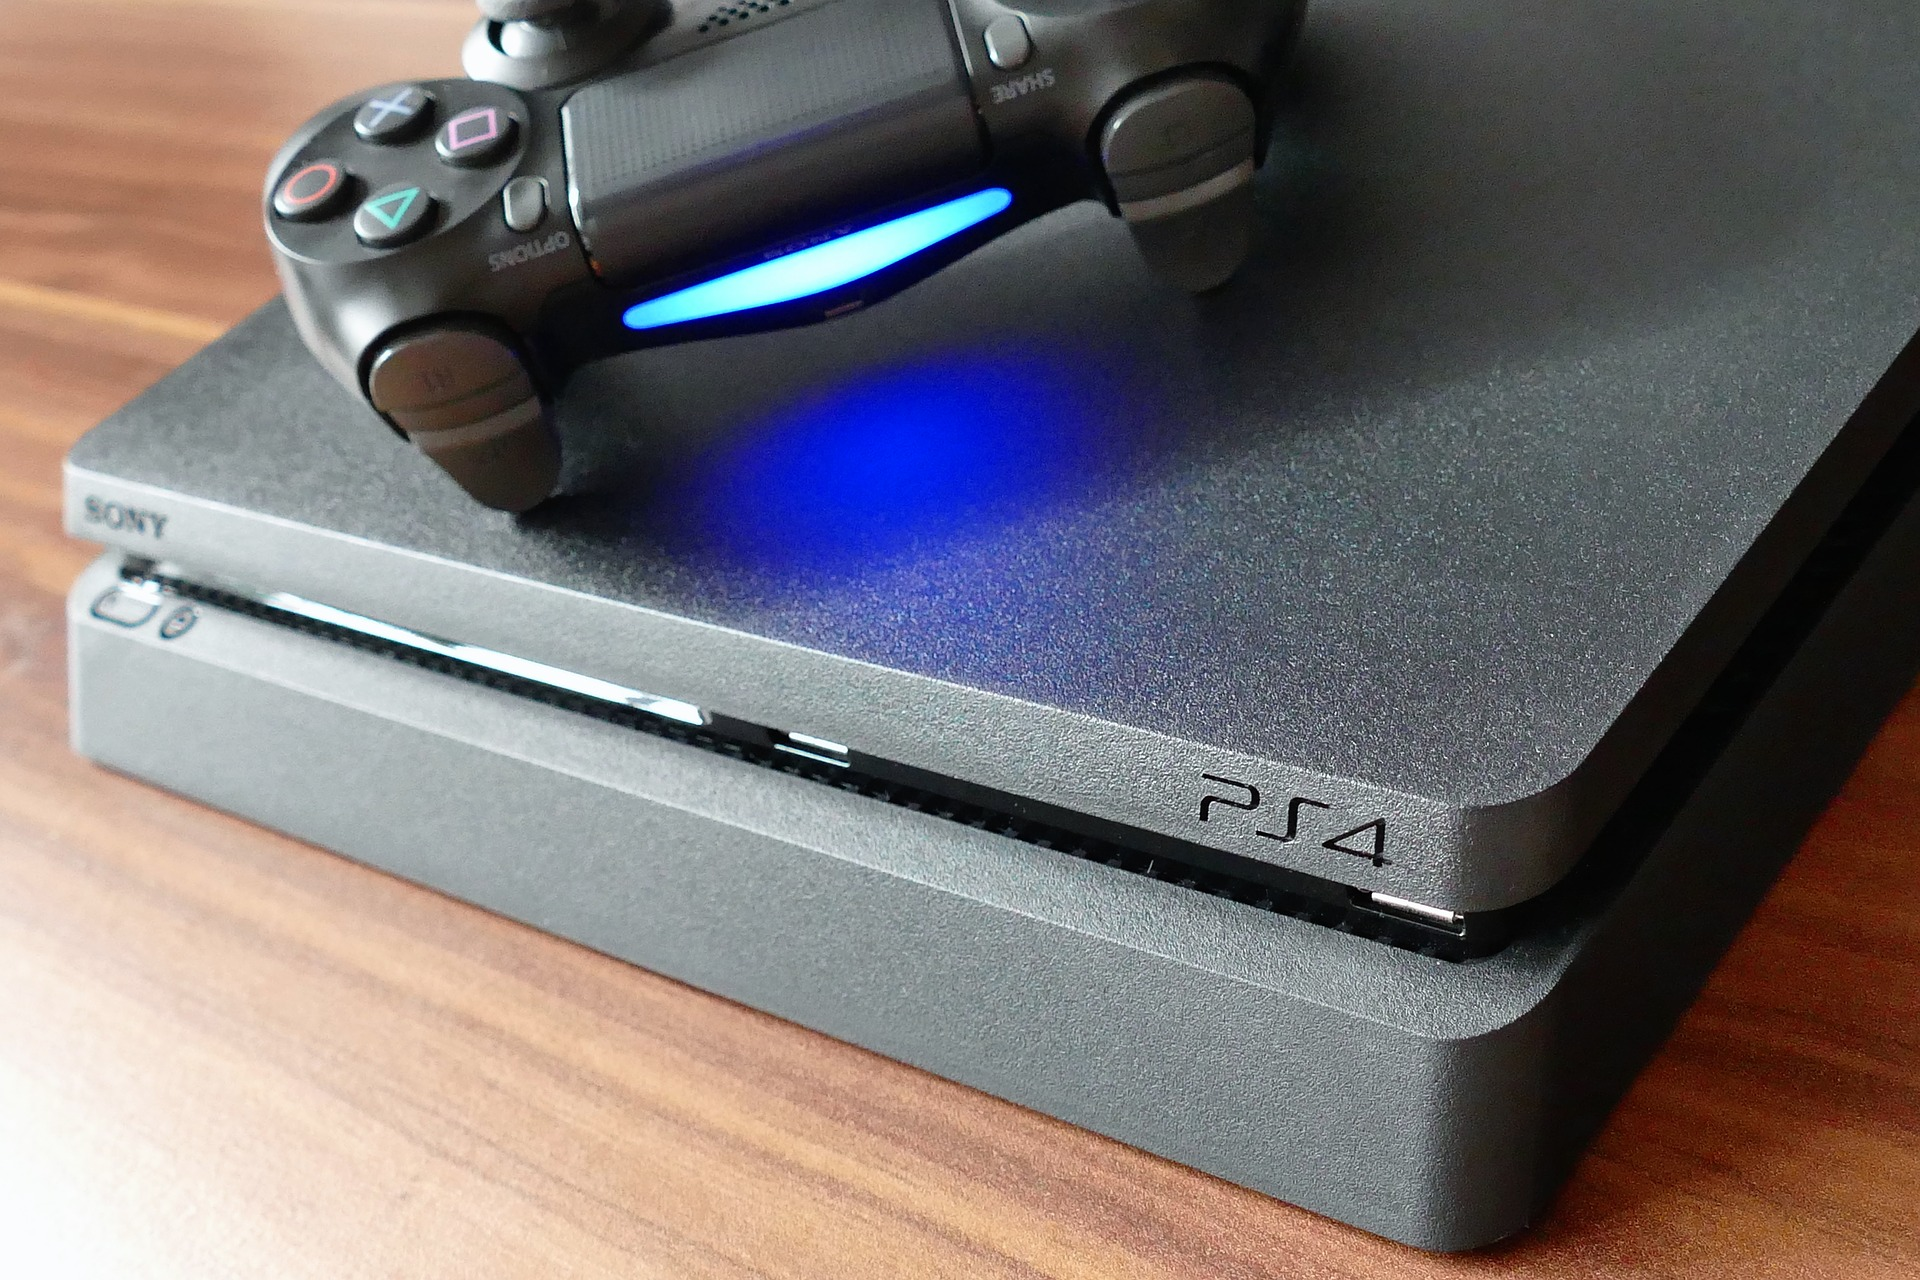 Más de 3.000 consolas PlayStation descubiertas en una incursión, modificadas para extraer criptomonedas